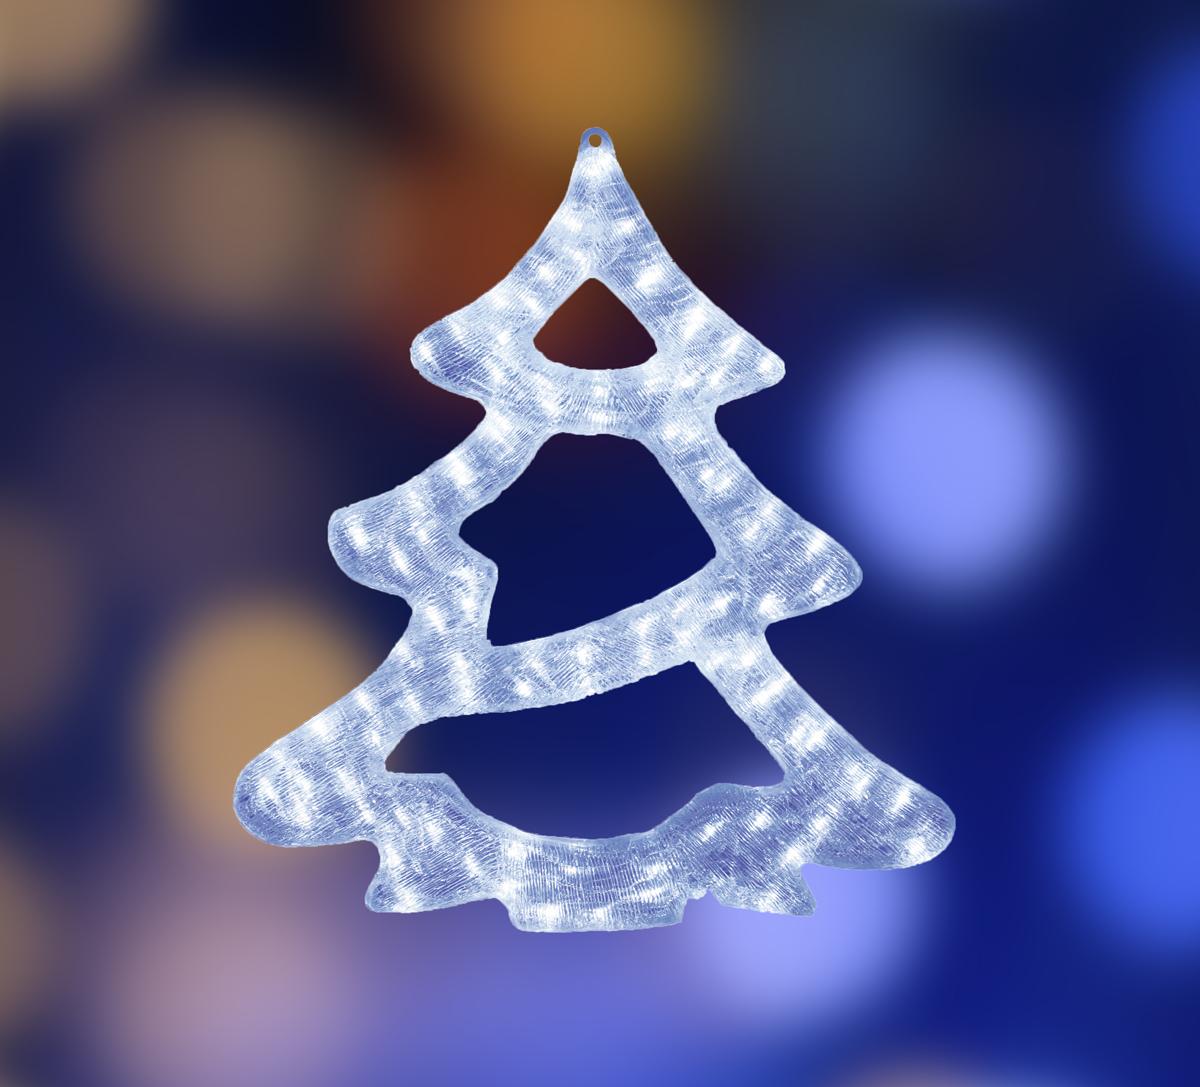 Акриловая светодиодная фигура Neon-Night Елочка, 84 LED, с понижающим трансформатором, 62 х 56 х 2,5 см513-344Акриловые фигуры за несколько лет вызвали большой интерес у дизайнеров и частных клиентов. С каждым годом расширяется не только ассортимент акриловых фигур, но и появляются новые технологии нанесения акрила. Эти яркие, светящиеся объемные фигуры, состоящие из металлического каркаса, акрила и светодиодов, применяются для оформления и создания новогодней атмосферы в кафе, ресторанах, торговых центрах, магазинах, на площадях и перед входом, а также просто в частных домах и квартирах. Все фигуры укомплектованы понижающим трансформатором , что обеспечивает безопасность при контактировании, а так же имеют степень защиты IP 44, что позволяет использовать их как в помещении, так и на улице. Акриловая светодиодная фигура Елочка высотой 62 см, светящаяся более чем 84 ярких диодов, выполнена по специальной технологии нанесения акрила. Новинка этого сезона позволит Вам создать ту самую, настояющую новогоднюю атмосферу и принести сотни радостных улыбок.